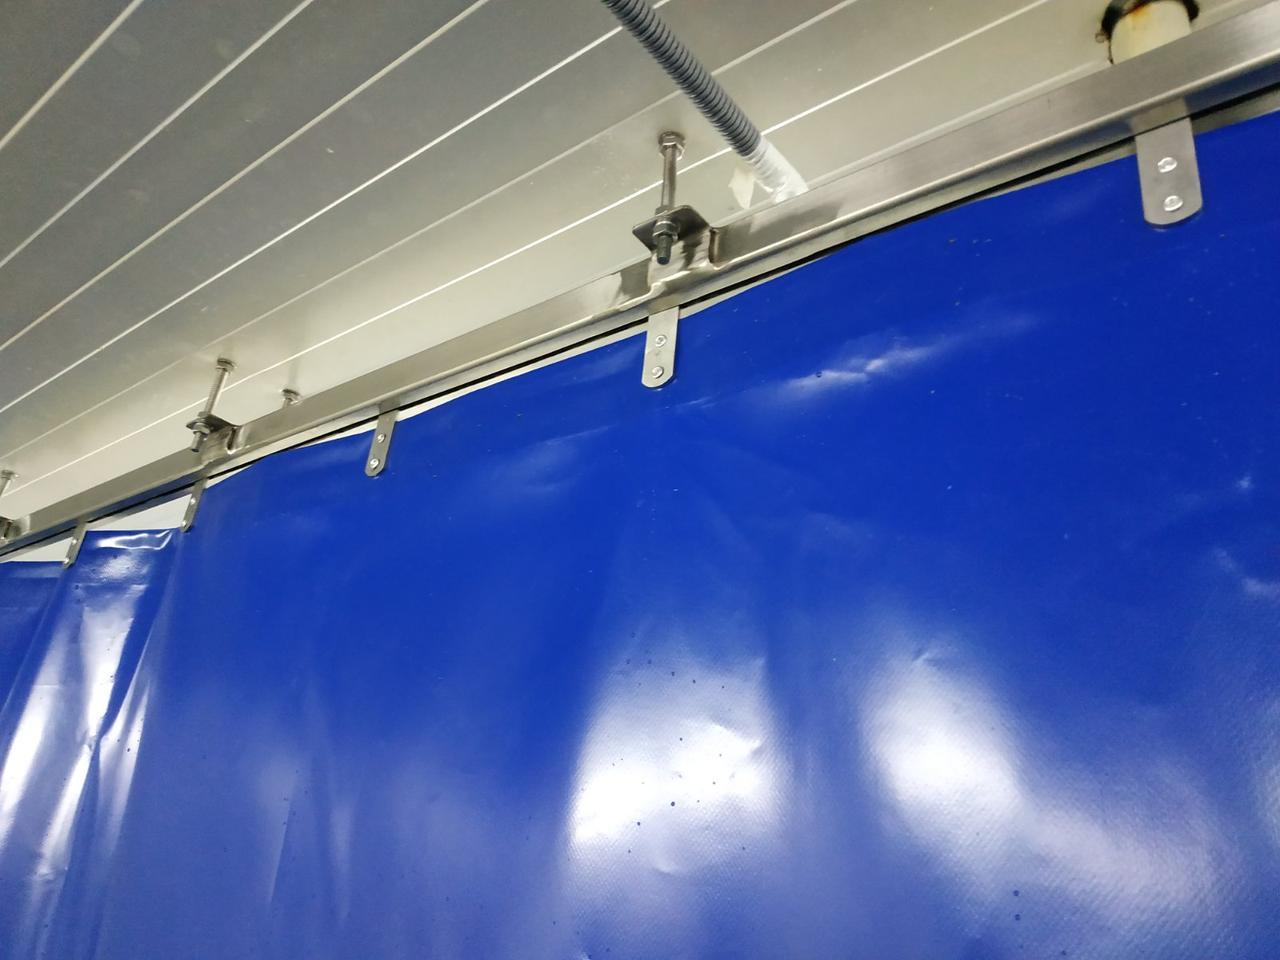 ПВХ завіси, тентові штори для промисловості, тент штора на мийку, тентові штори ПВХ, ПВХ перегородки для цеху.